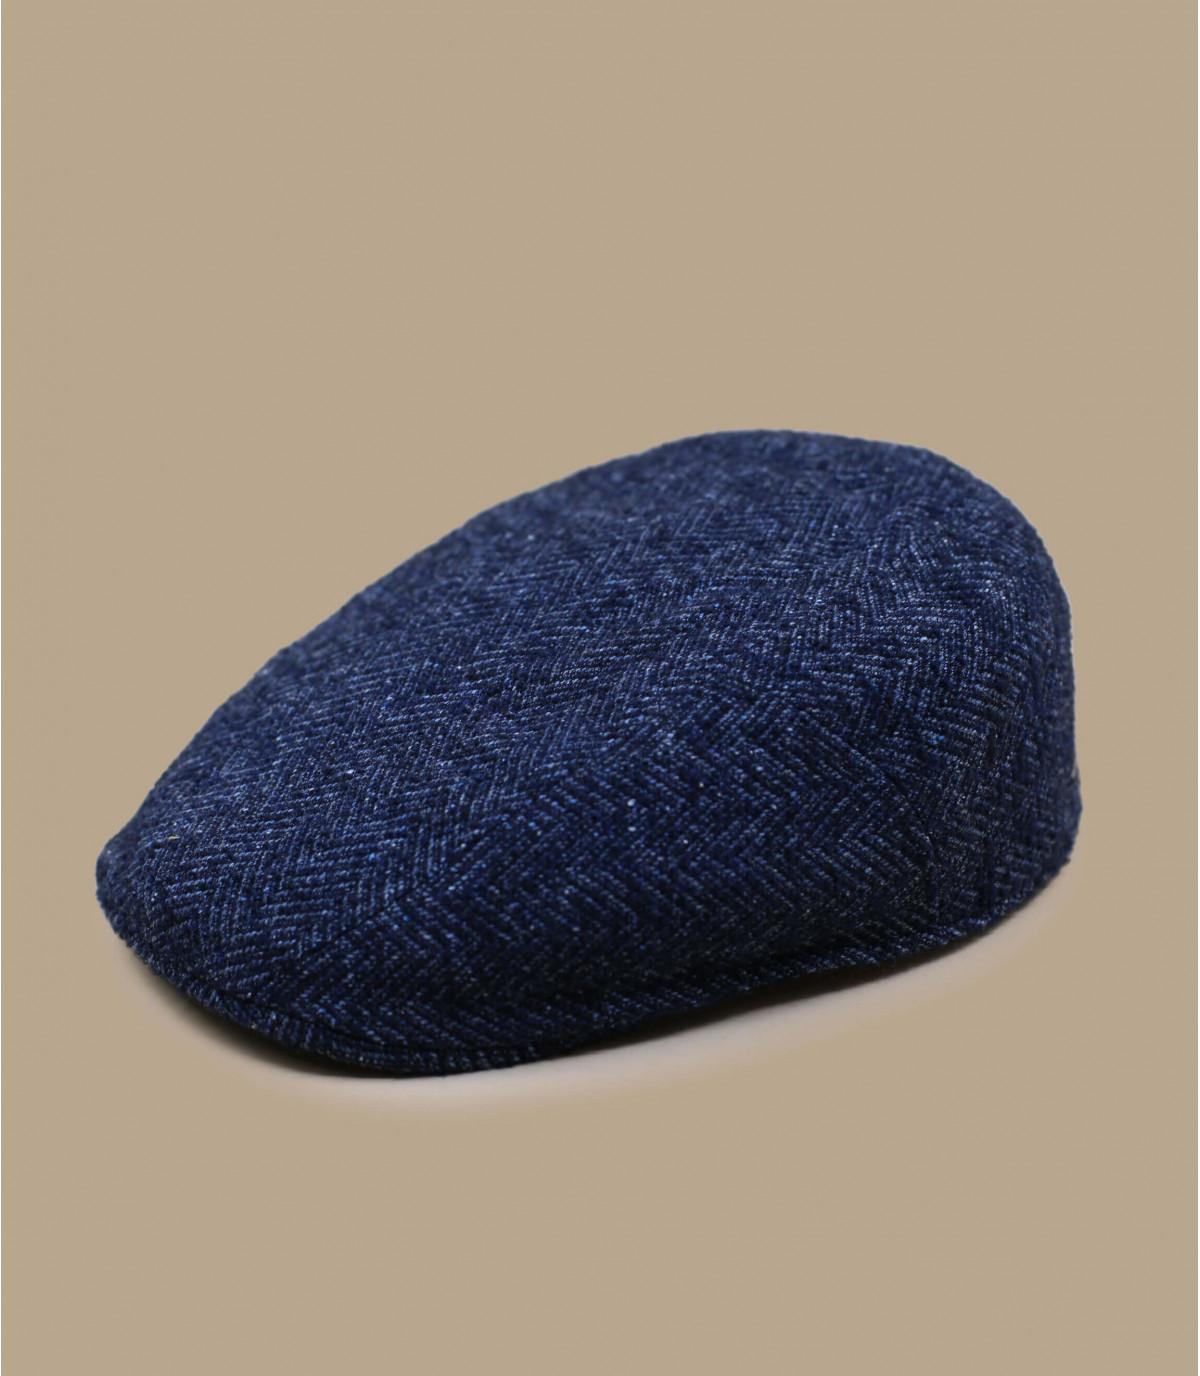 béret bleu laine chevrons